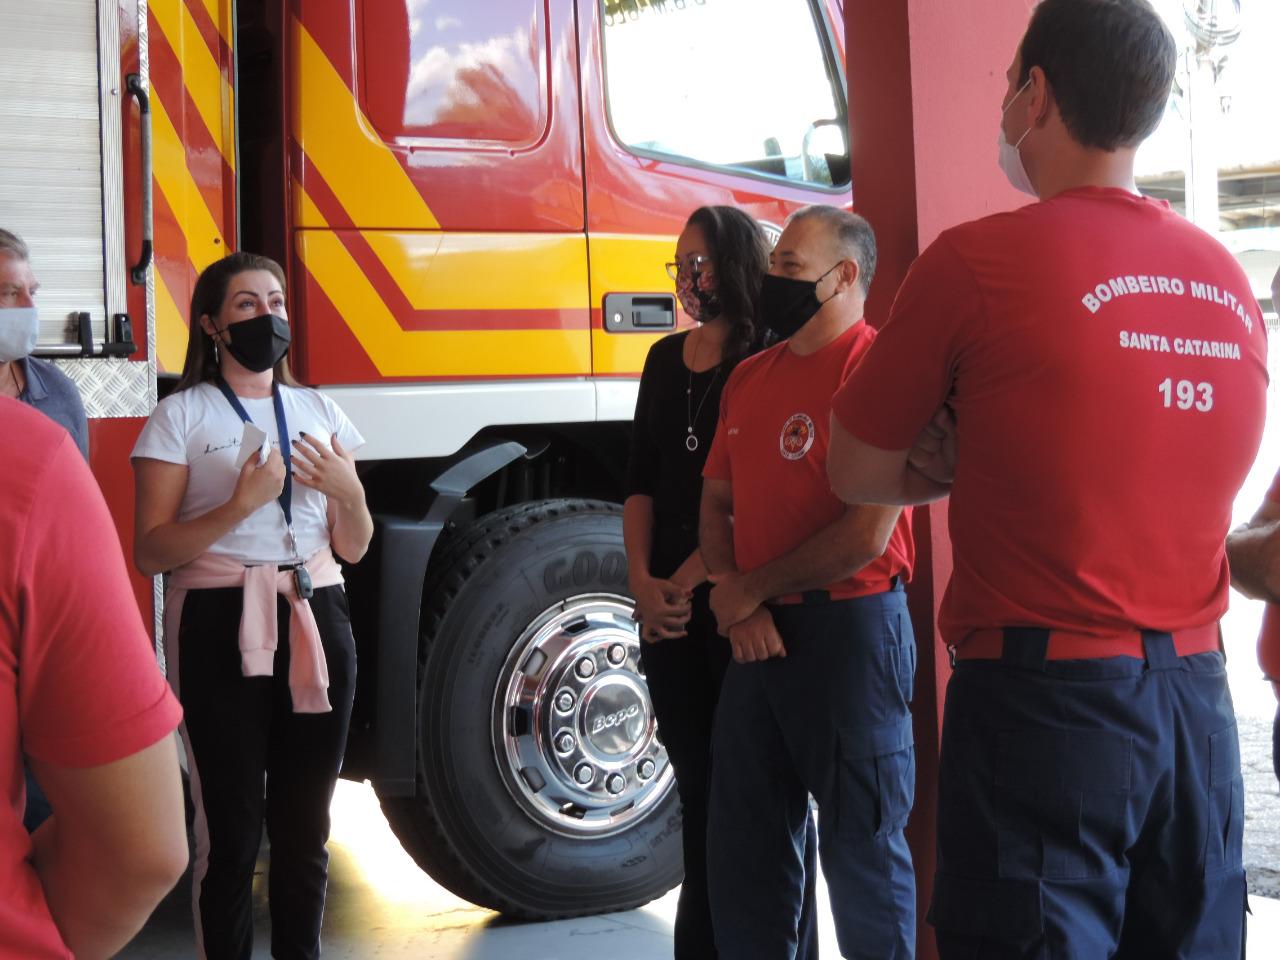 A professora de Biologia Alinne Petris fez questão de agradecer e homenagear os bombeiros que a socorreram - Arquivo Pessoal/Alinne Petris